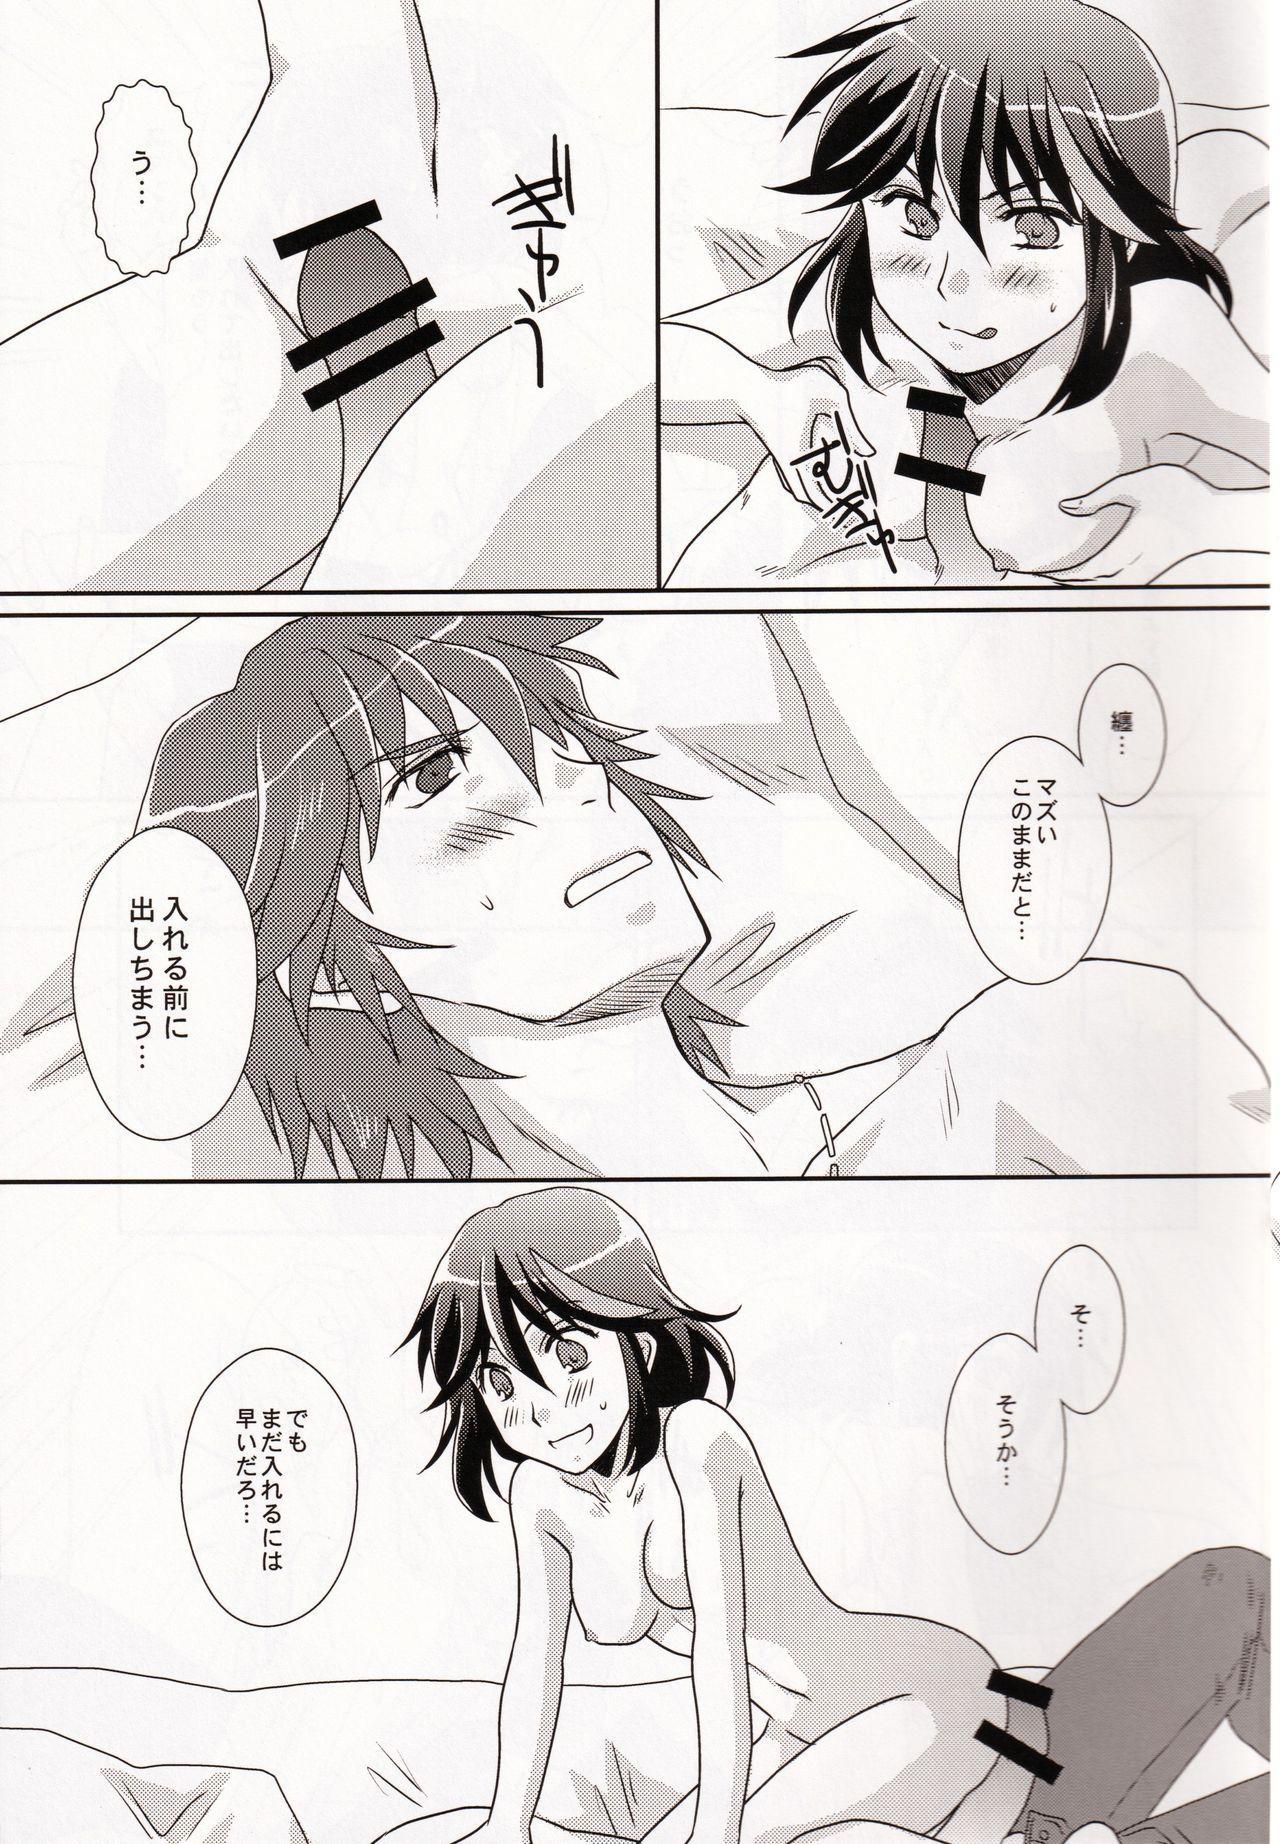 (SUPER26) [Ishin Denshin (Yuusa Riki)] Ore no Kanojo (Kari) ga Otokomae Sugite Mou Horeru shika Nai. (Kill la Kill) 16